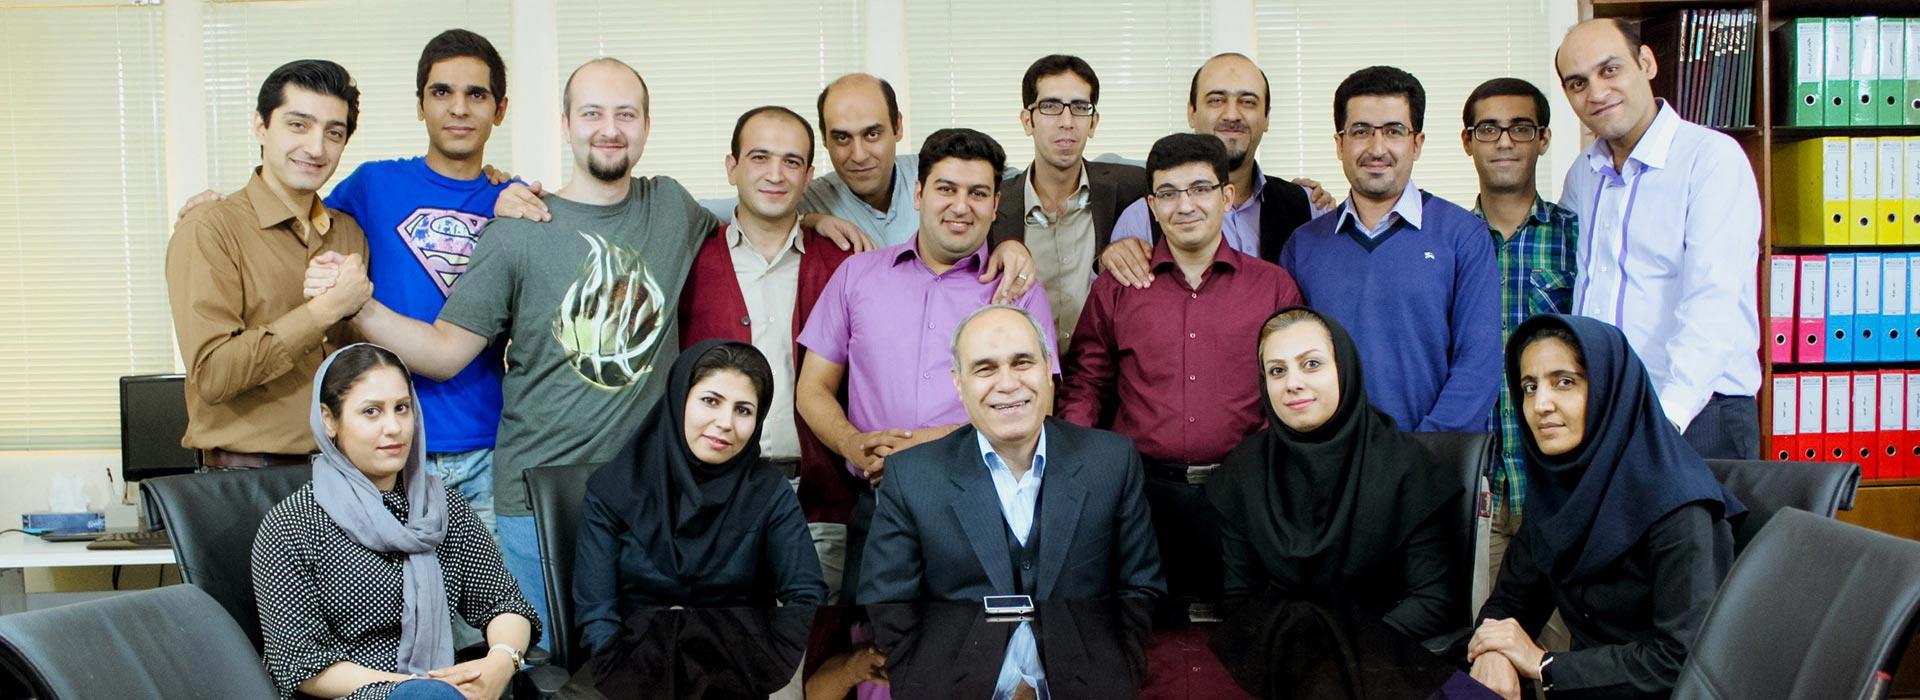 Dadevarzan company employees